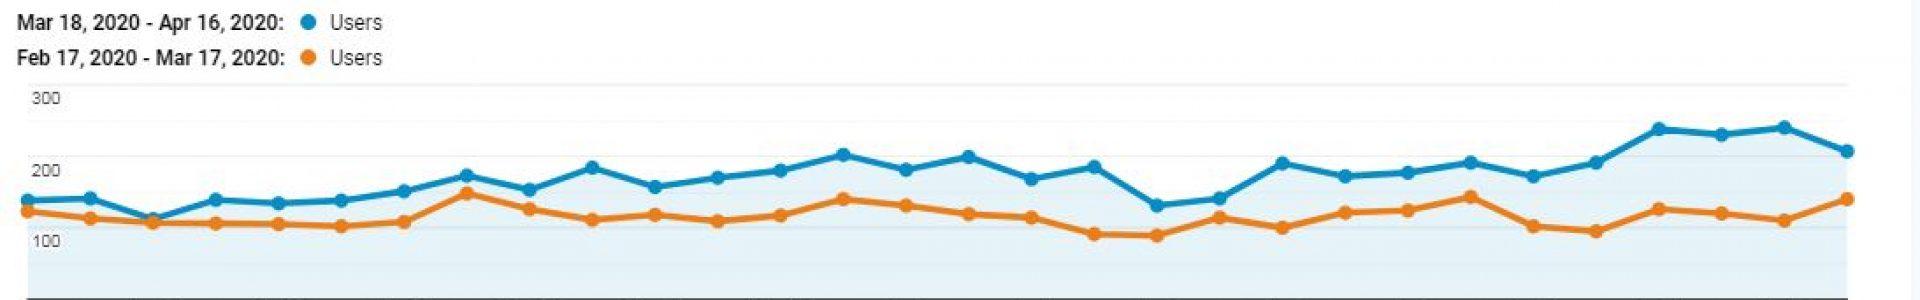 Latest Technology Blogs, Tech Blogs India, Best Digital Marketing Blogs, Blockchain Technology News